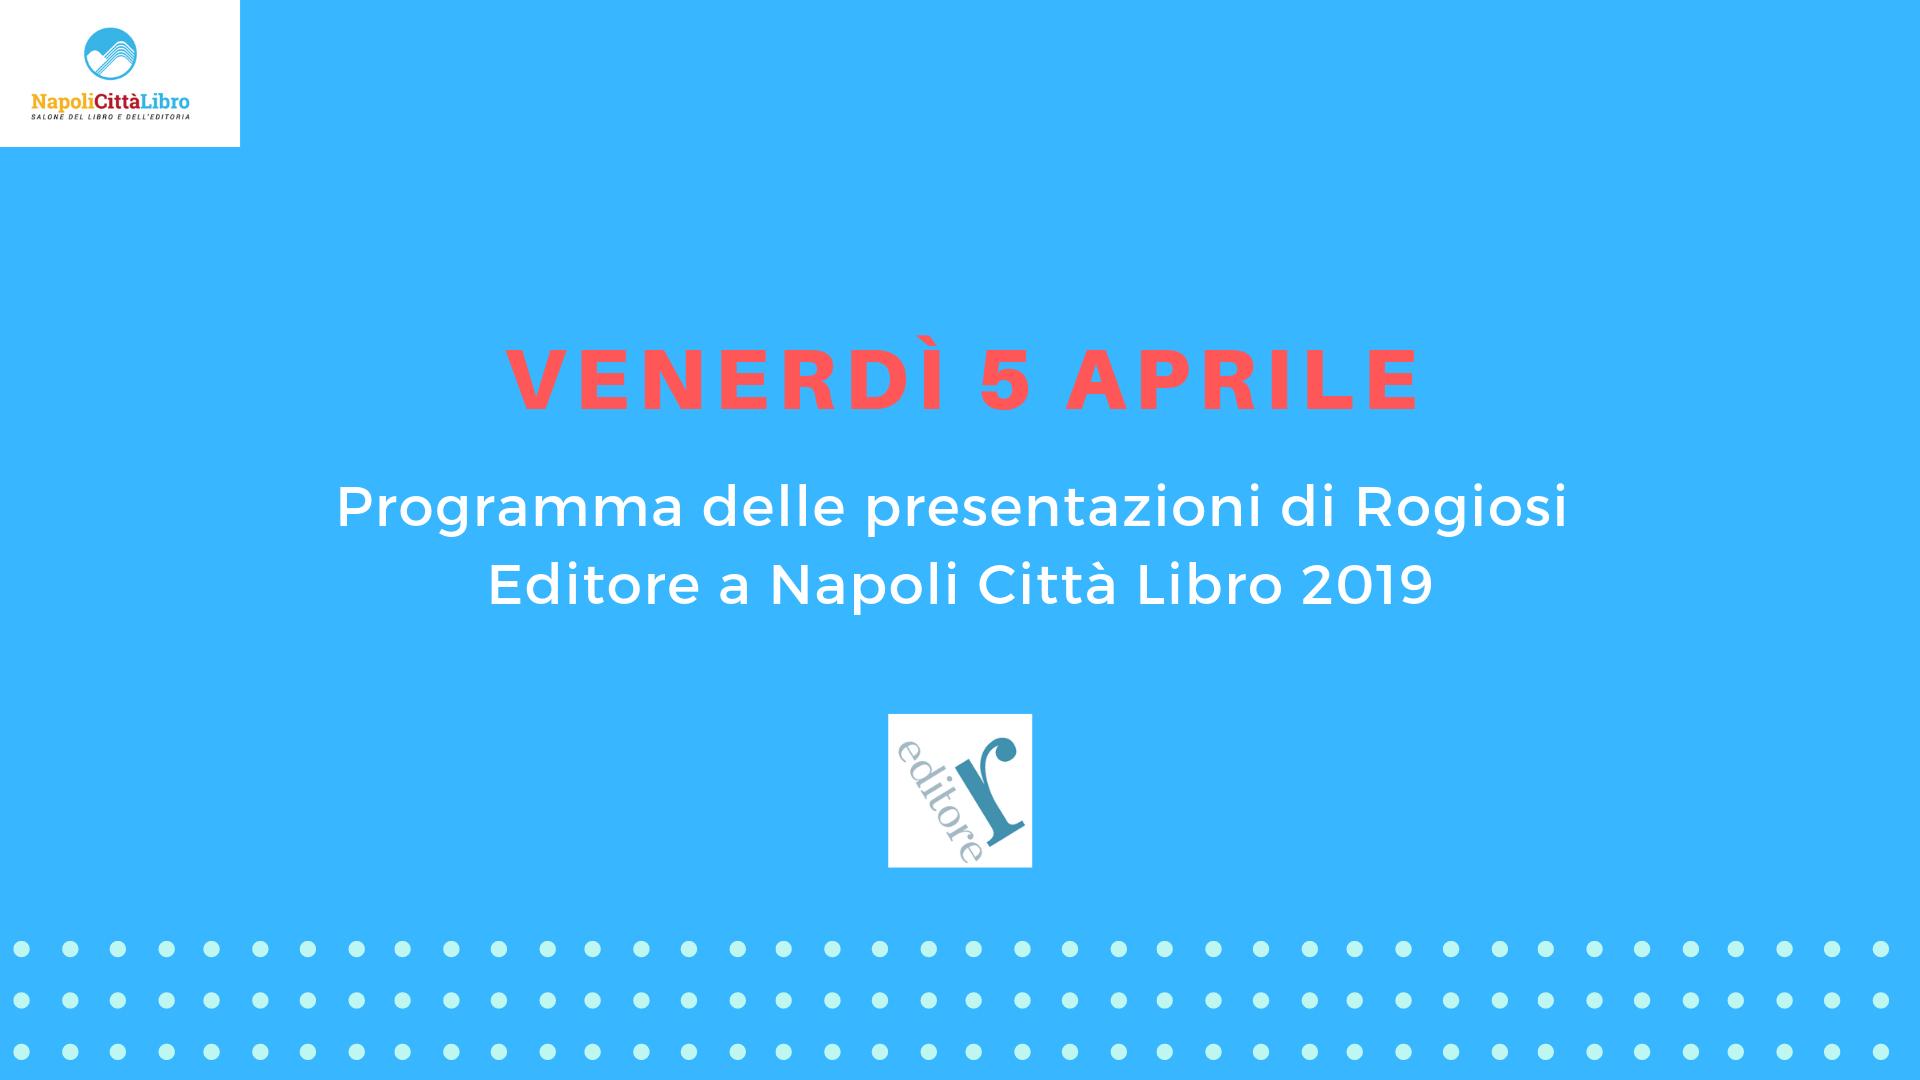 Venerdì 5 Aprile: le nostre presentazioni a NapoliCittàLibro